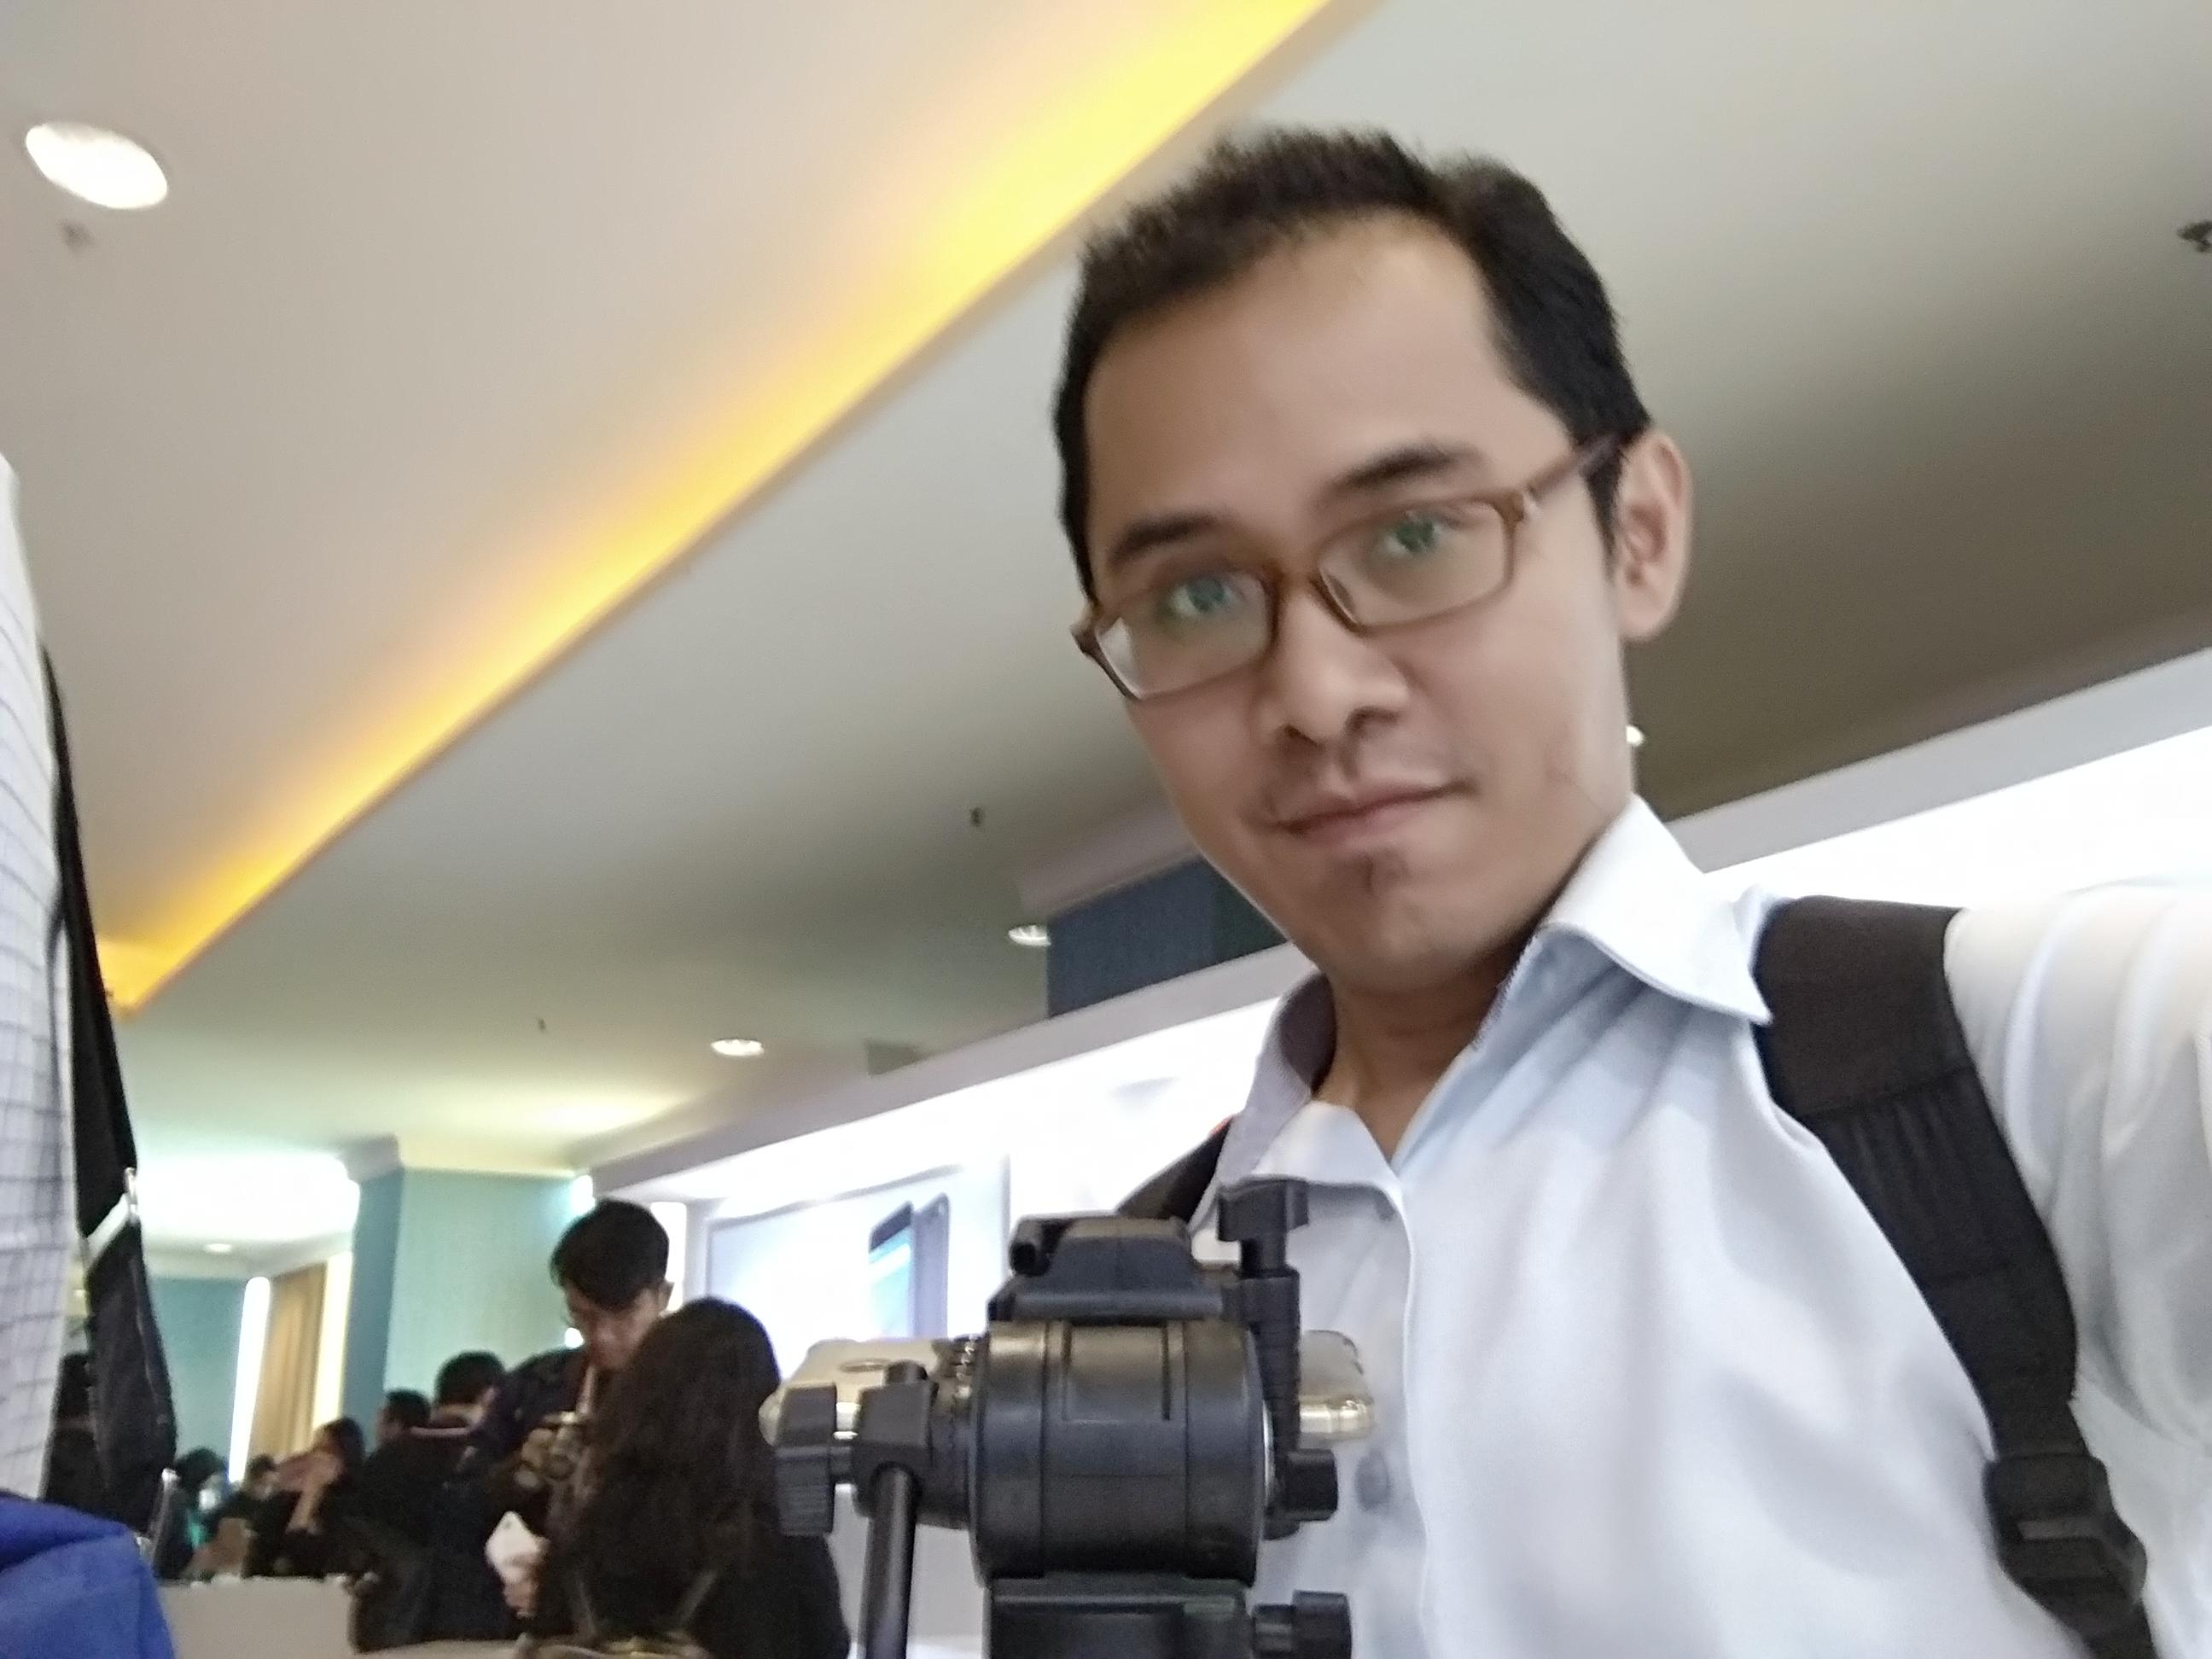 Hasil tangkapan kamera selfie Mi A1